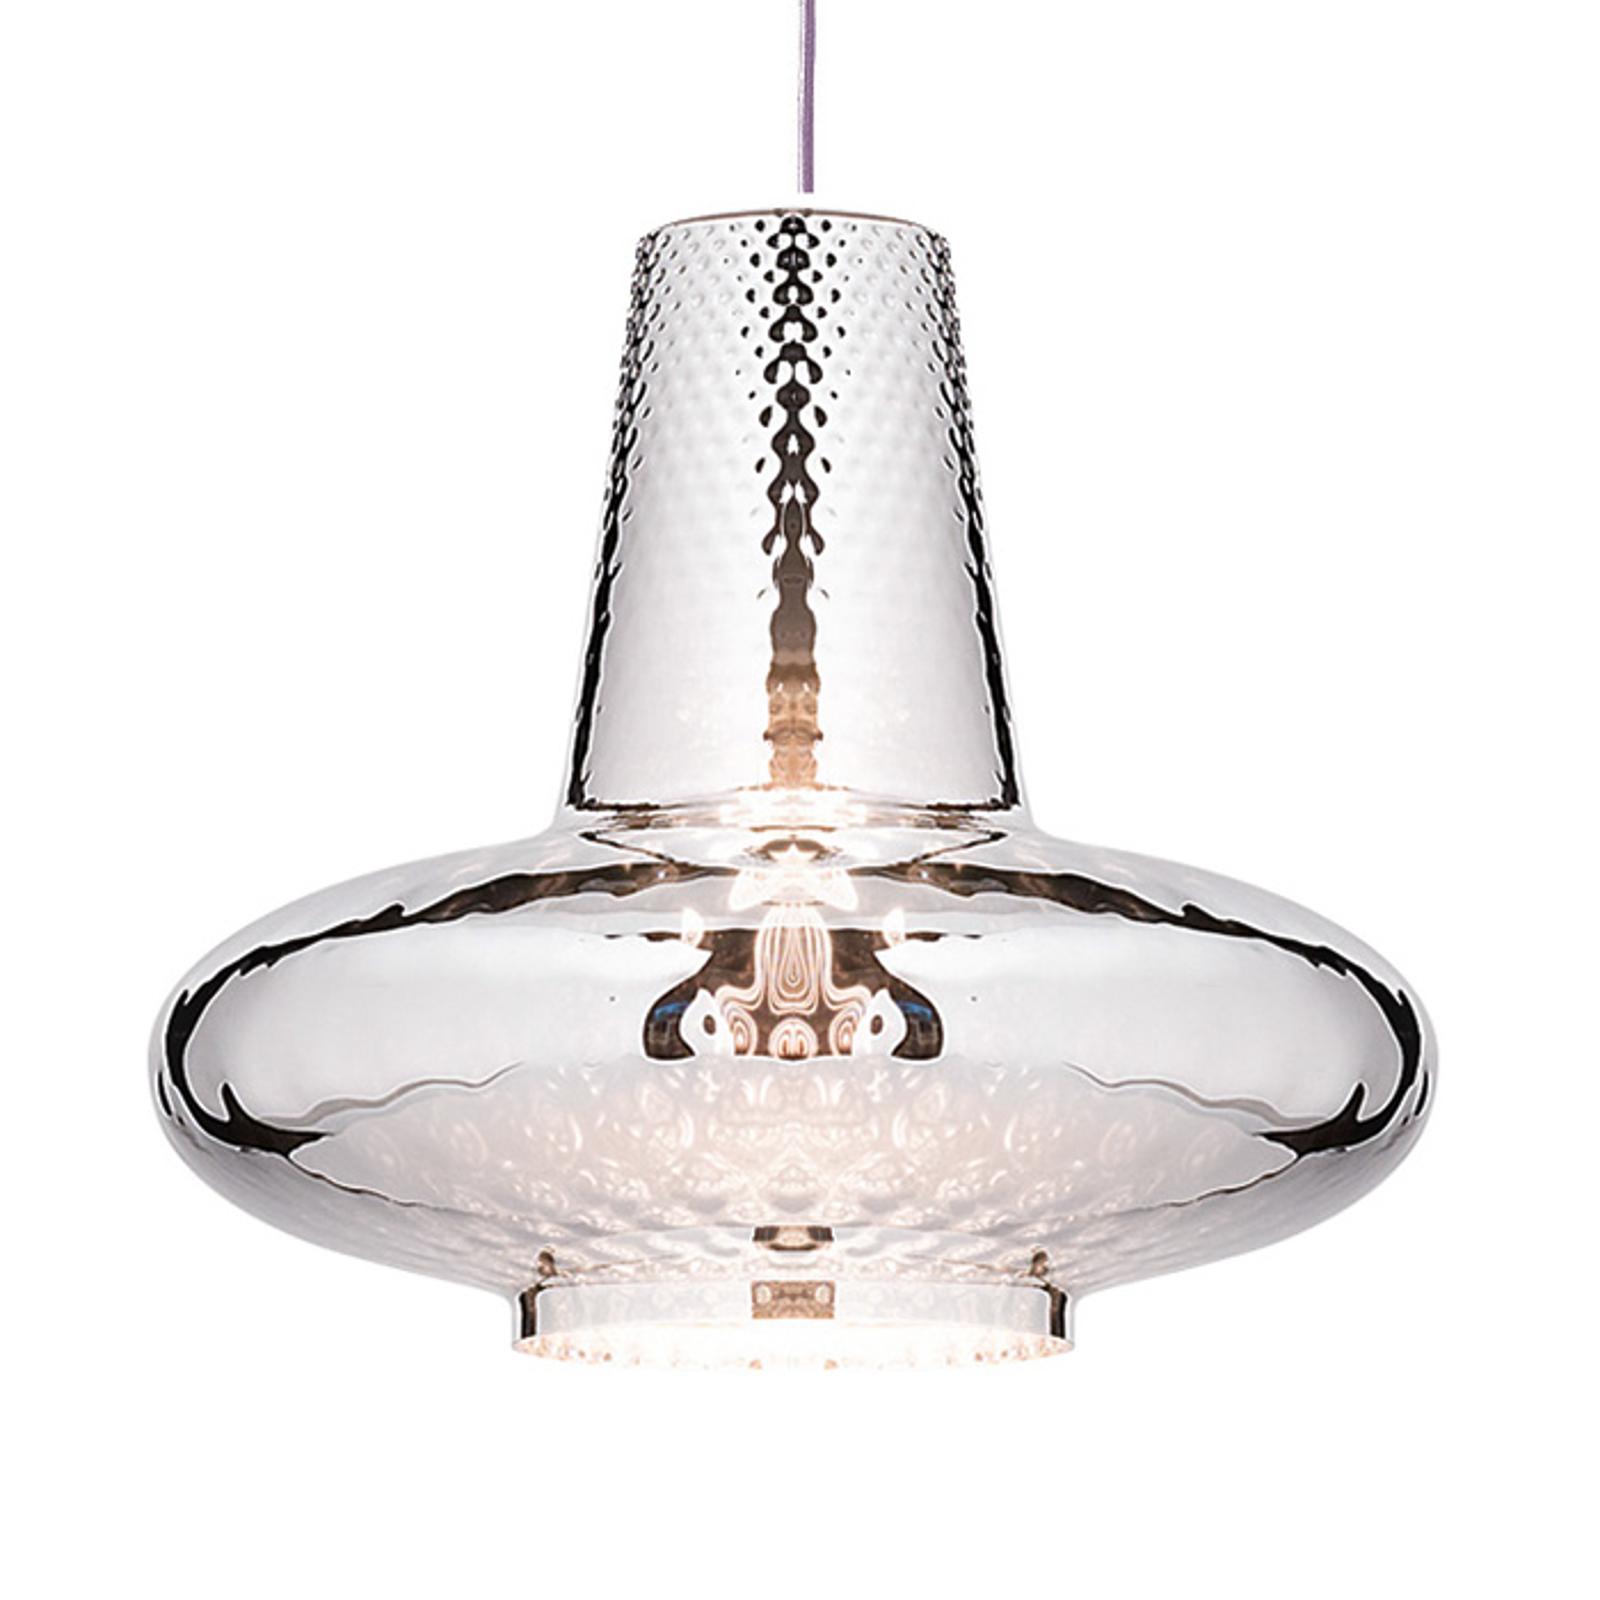 Lampa wisząca Giulietta 130cm, srebrny metalik